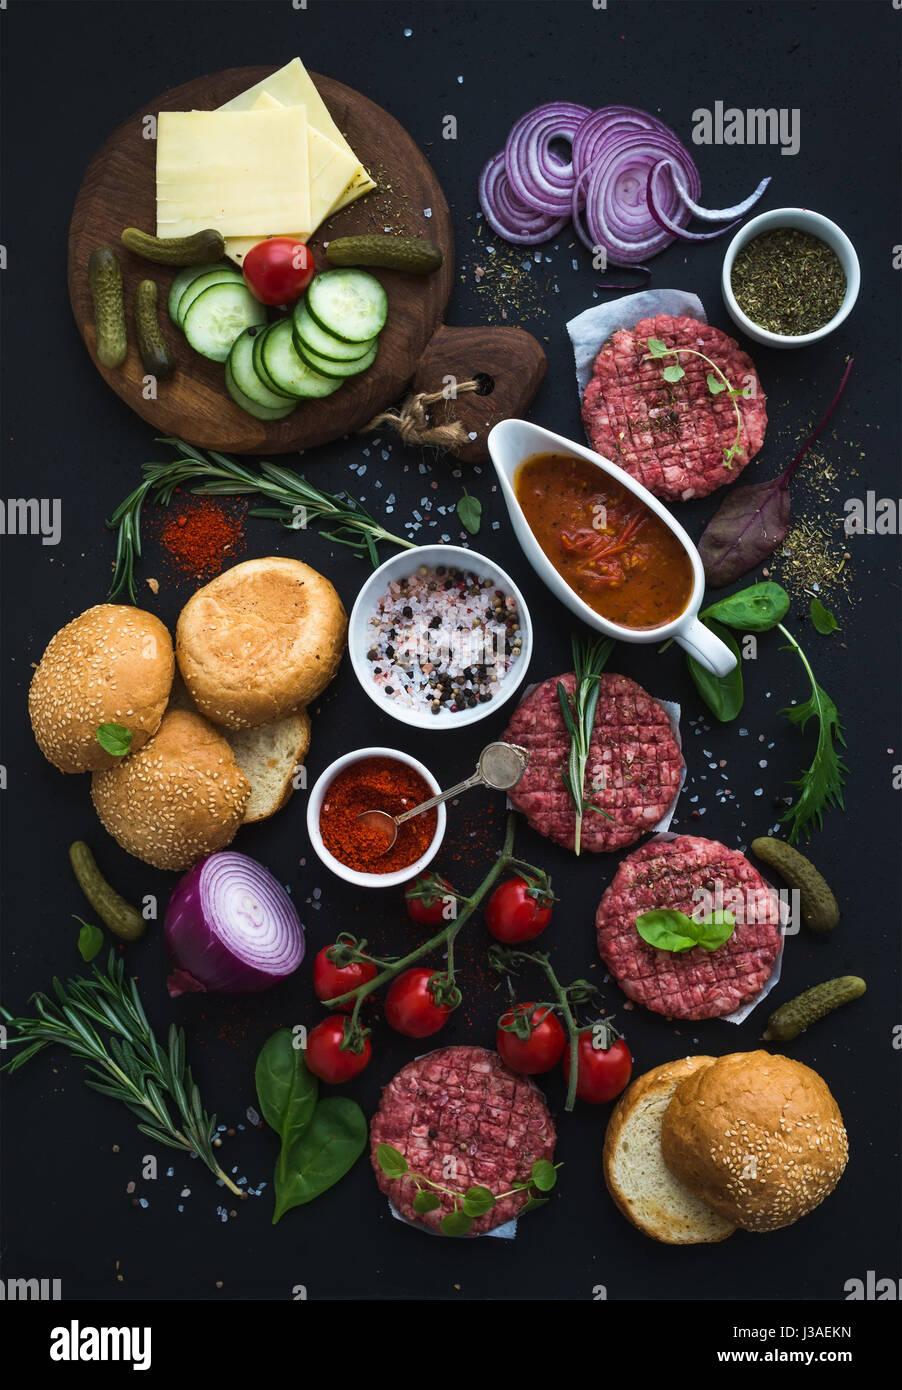 zutaten f r das kochen burger rohen boden rindfleisch fleisch schnitzel br tchen rote zwiebel. Black Bedroom Furniture Sets. Home Design Ideas